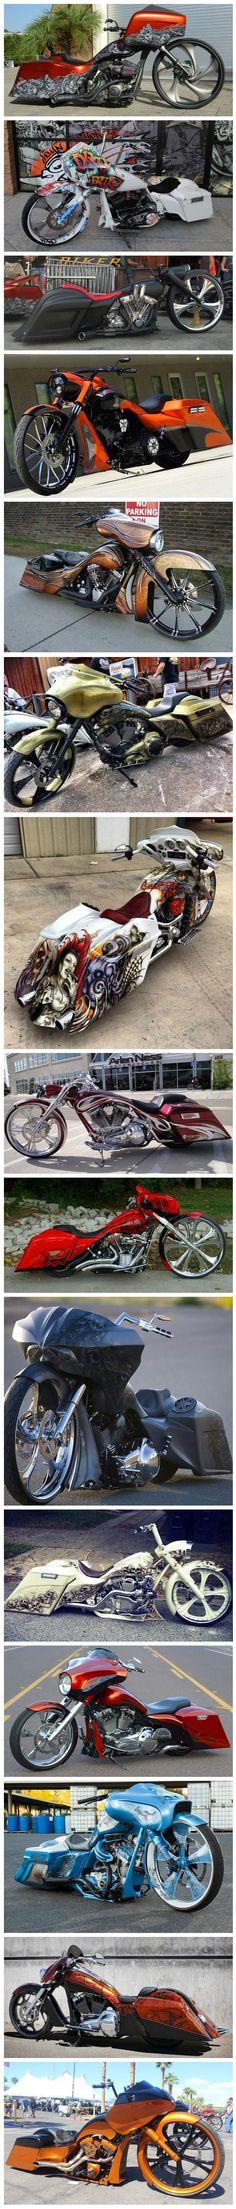 #baggers #motorcycles #harleydavidsonroadglidebaggers